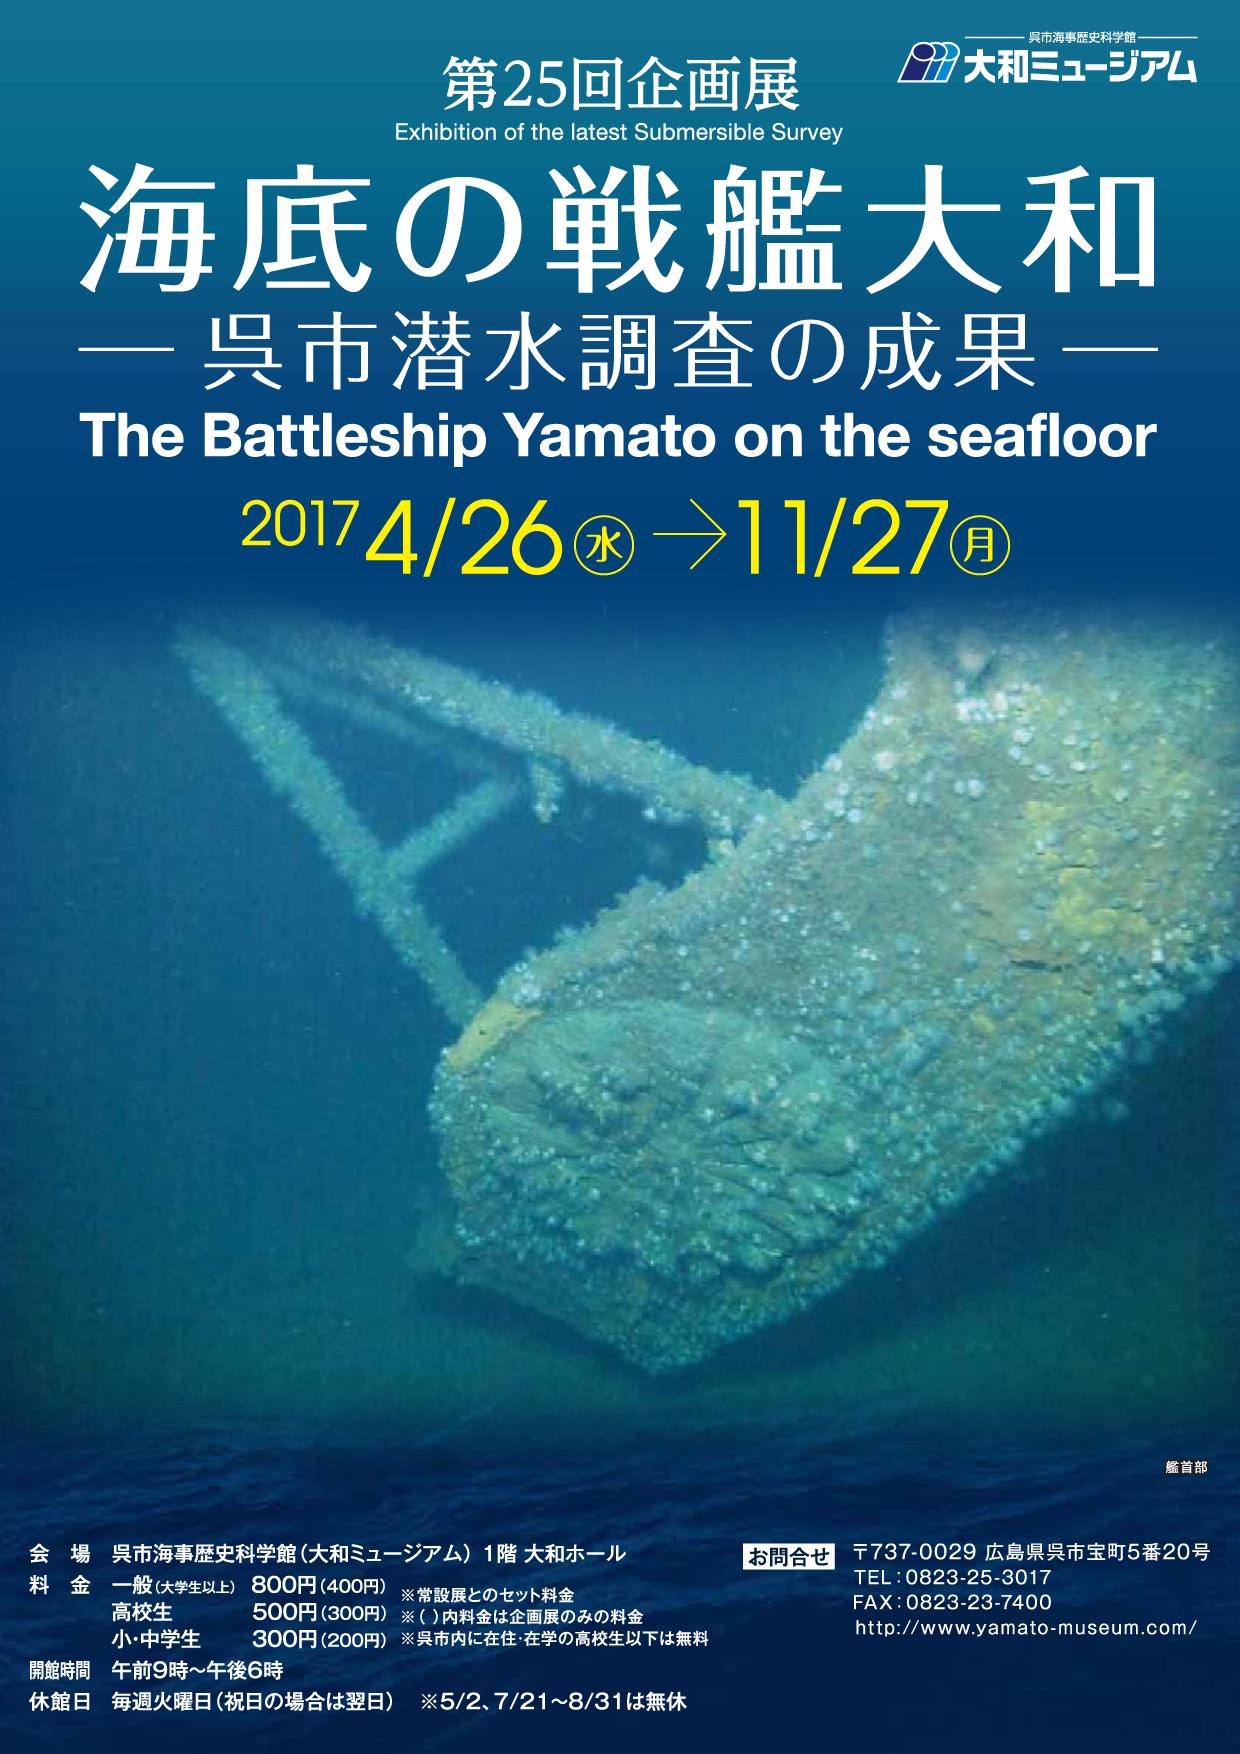 第25回企画展「海底の戦艦大和」